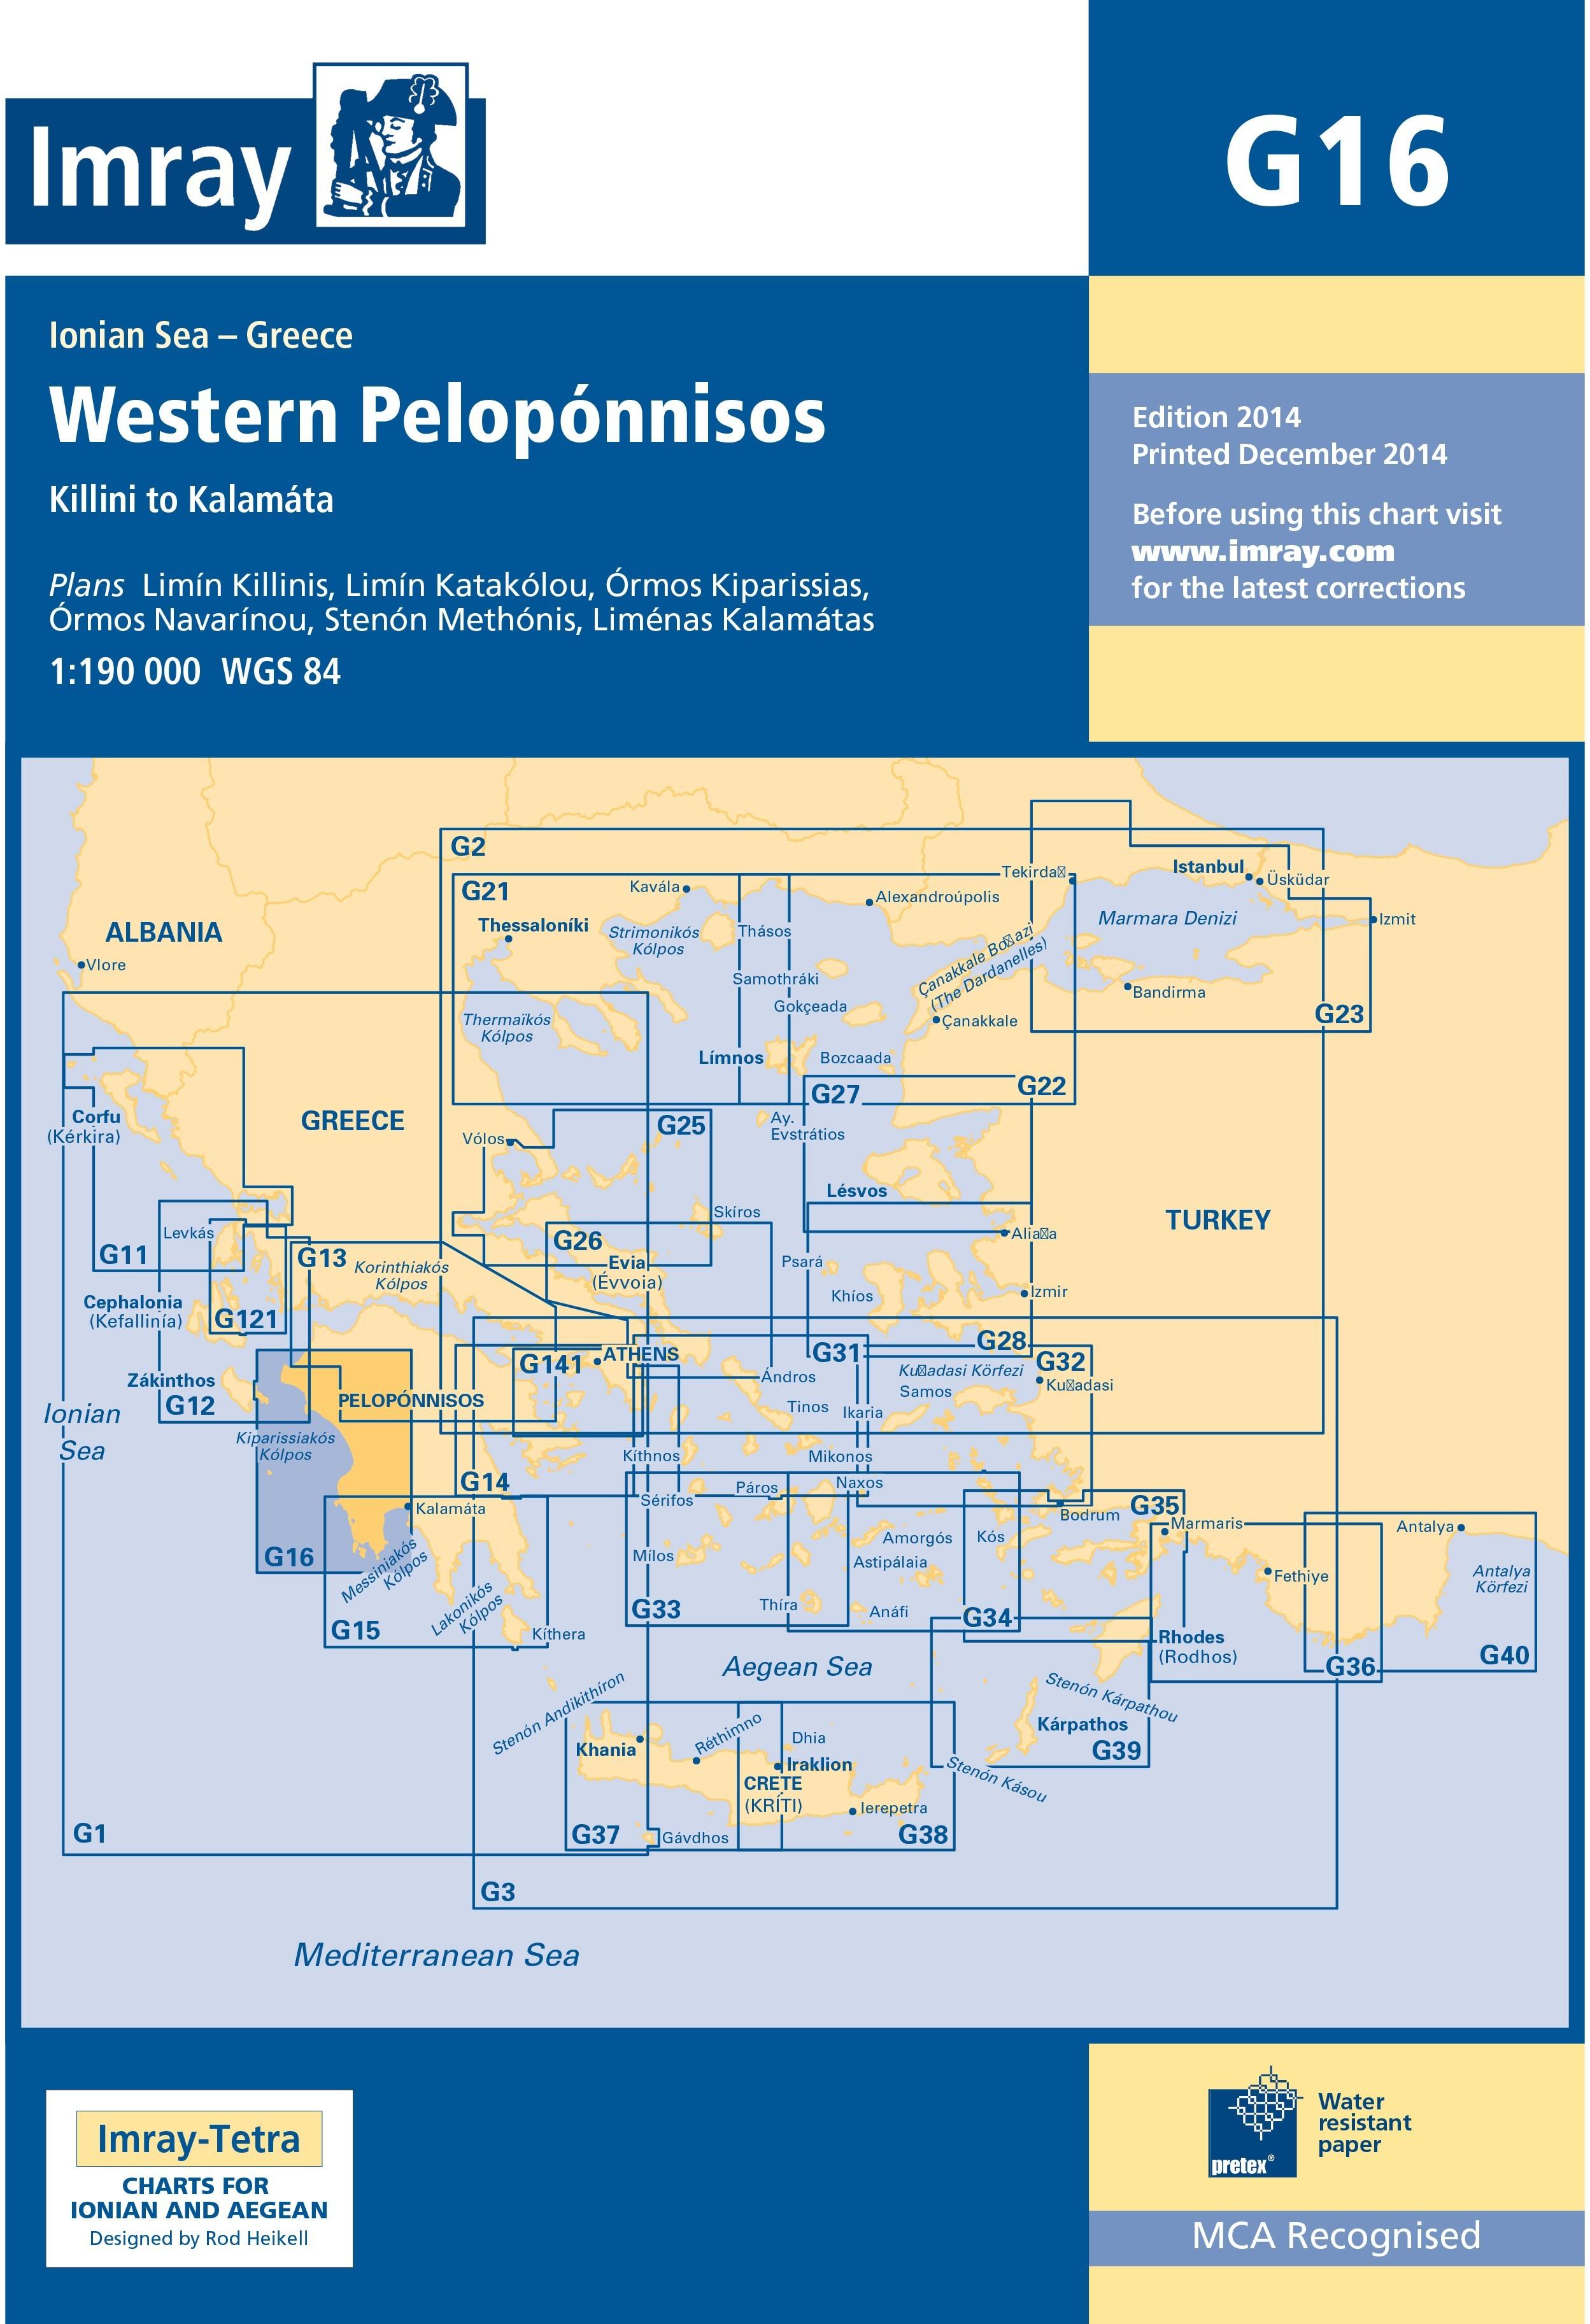 33.53 - Ναυτικός Χάρτης IMRAY ICG16-1 Δυτική Πελοπόννησος